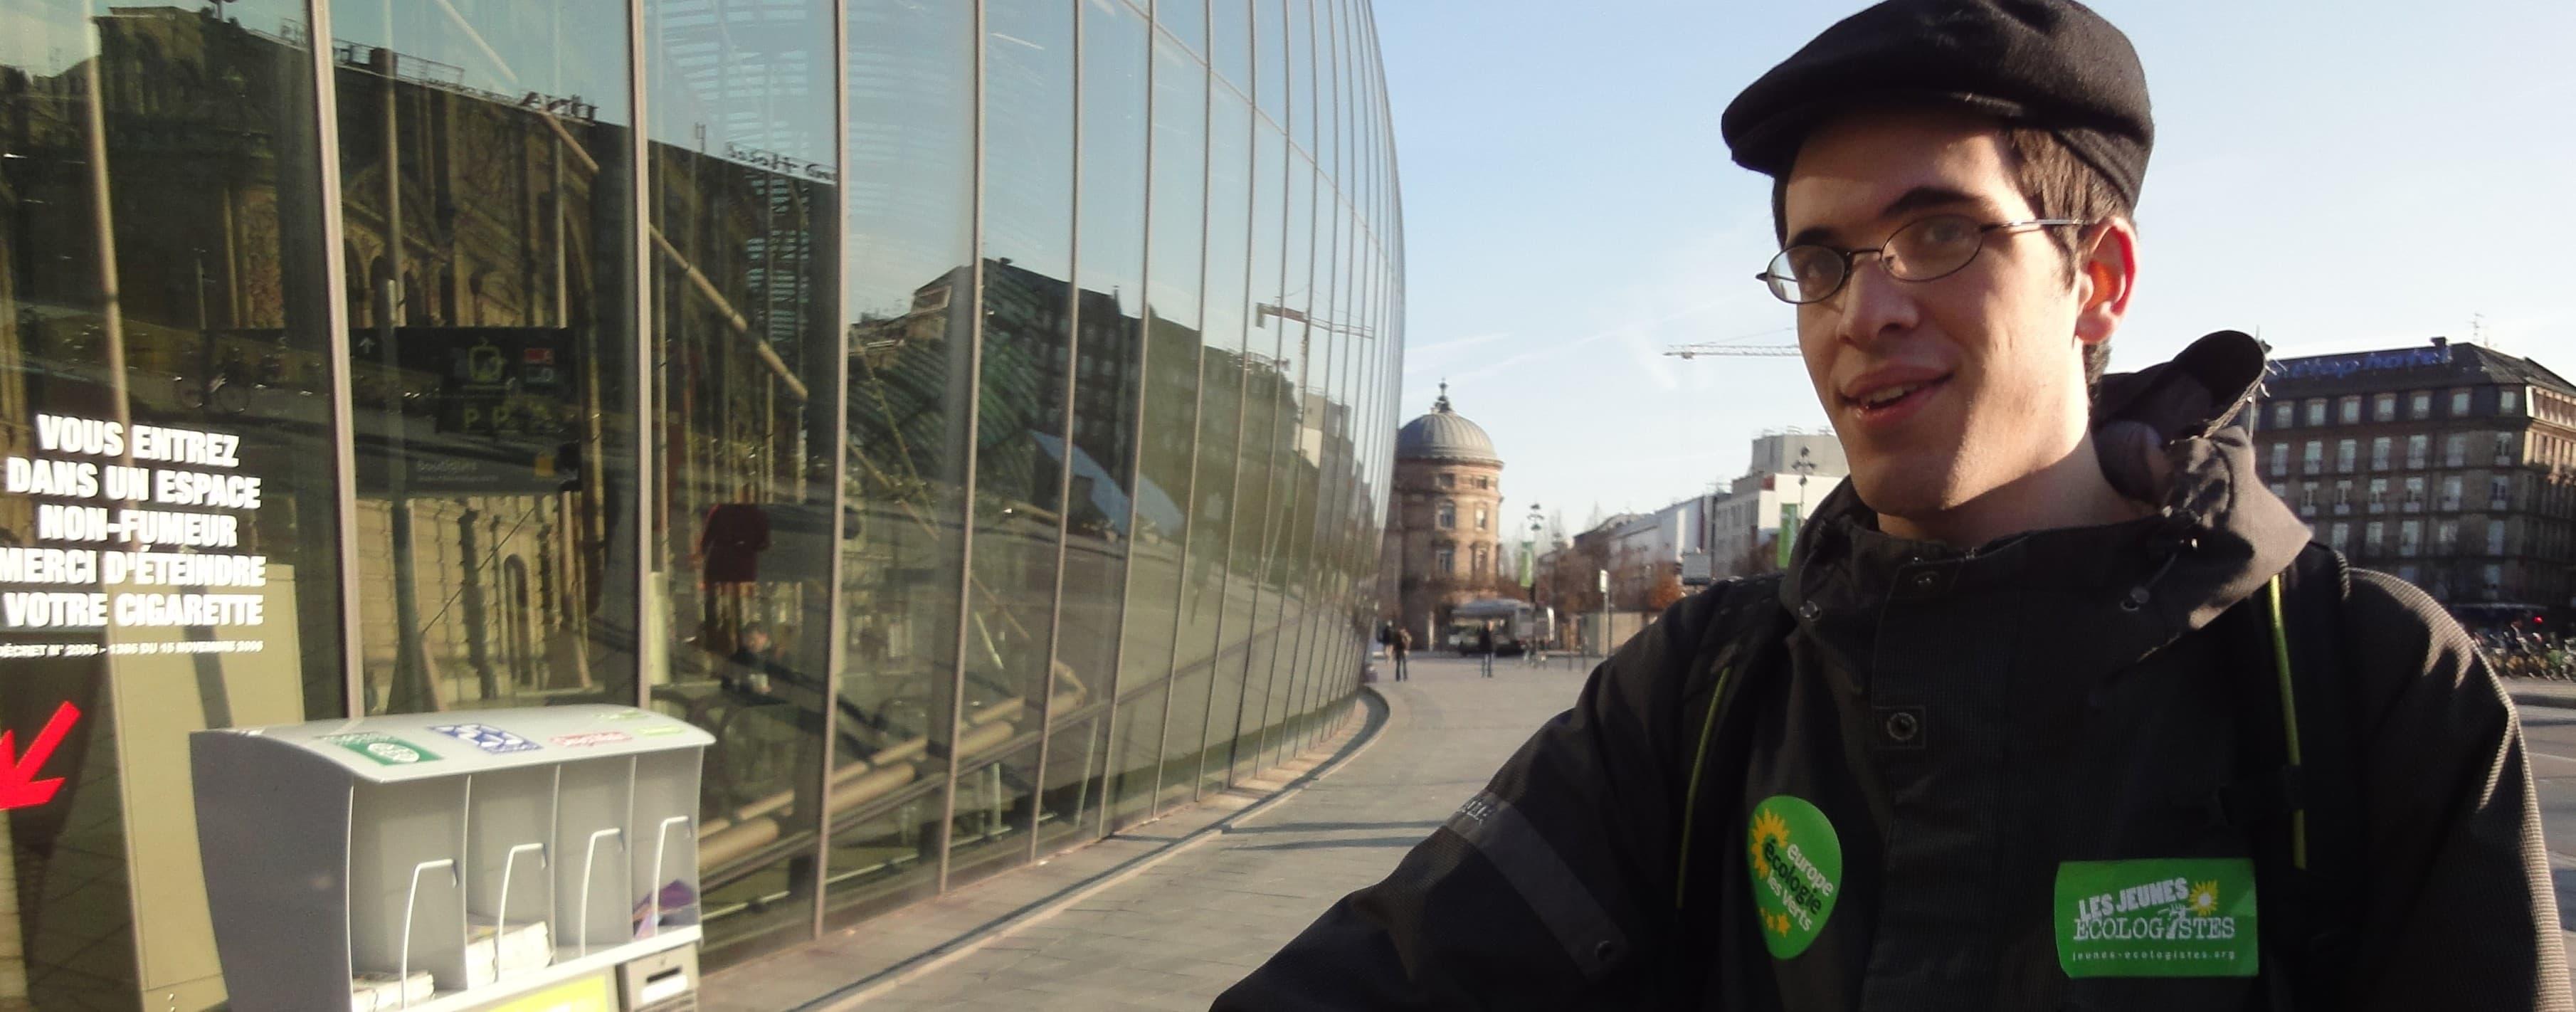 Maïeul Rouquette (EELV) : «Le vote utile est une expression scandaleuse»